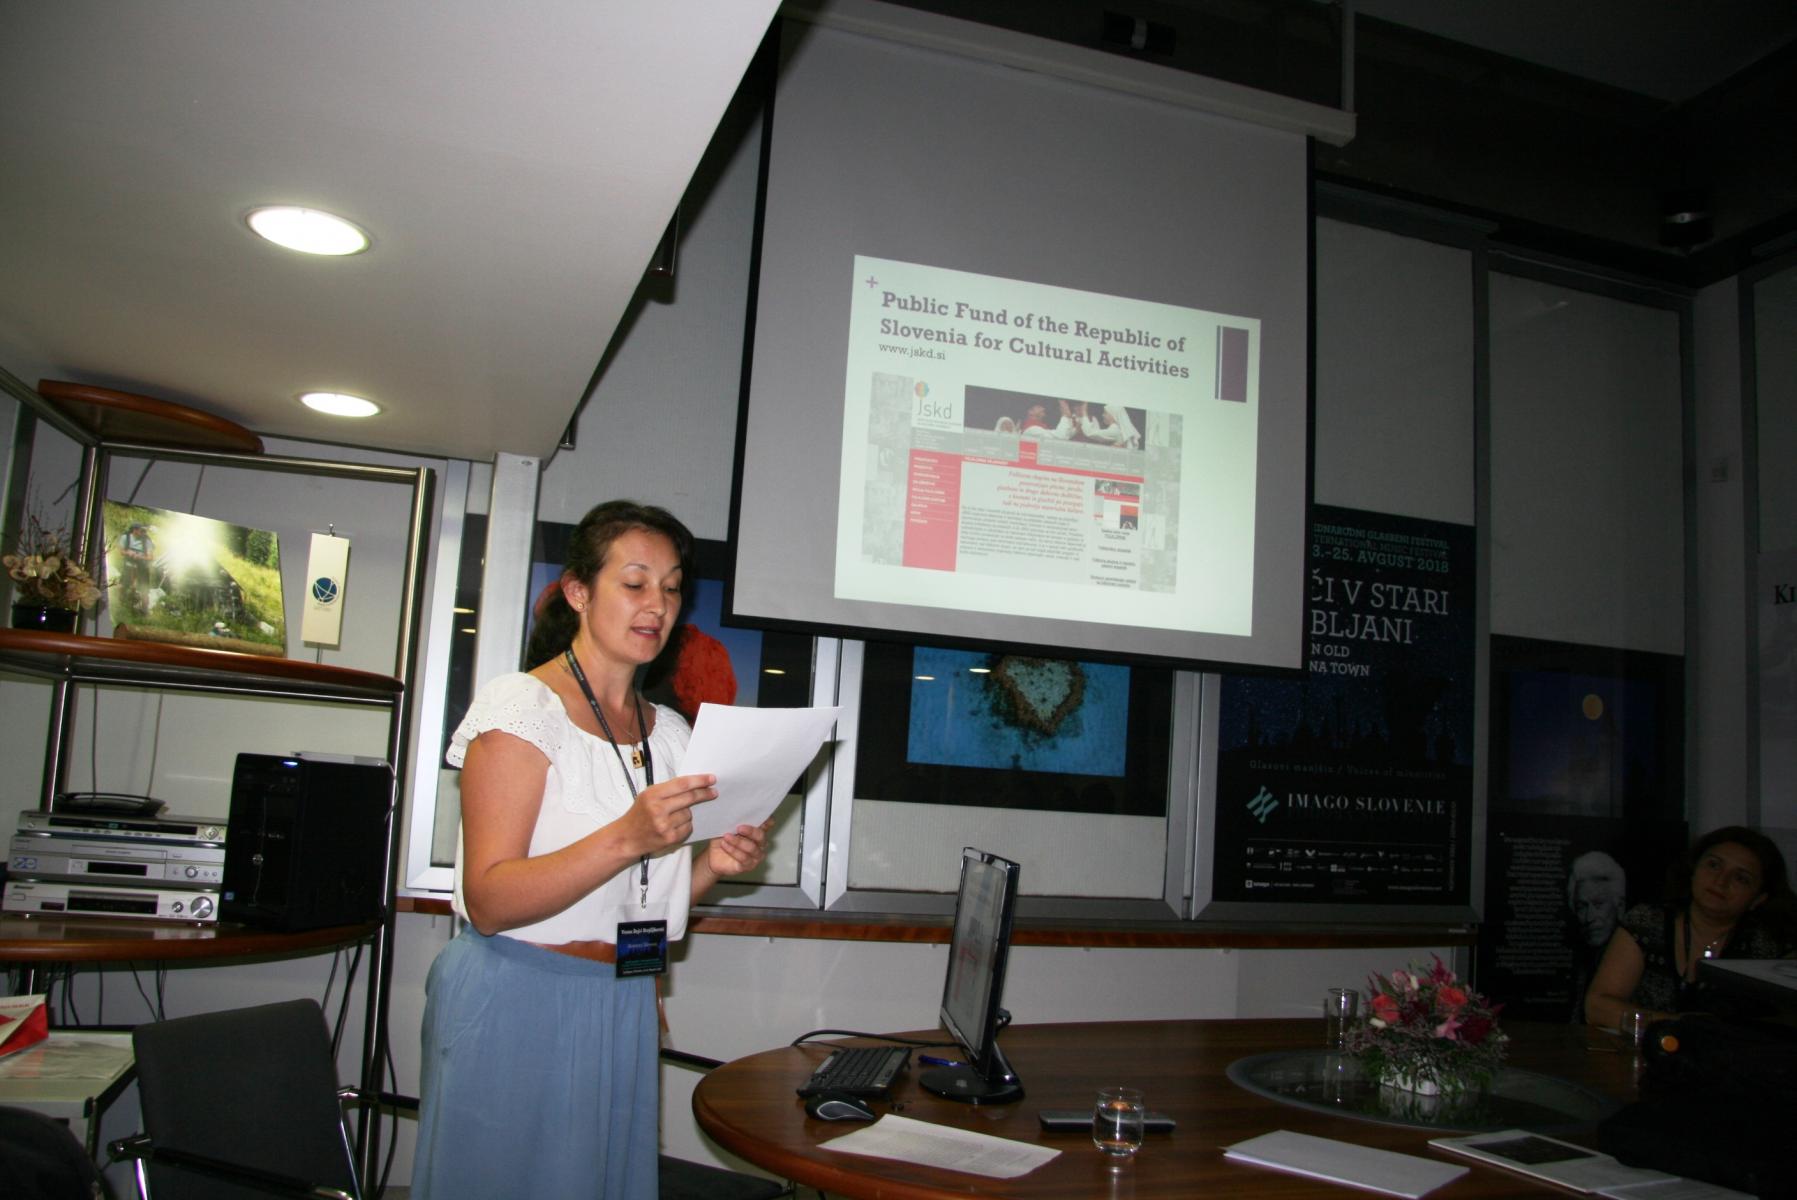 Dr. Ana Hofman, ZRC SAZU, Inštitut za zgodovinske in spominske študije. Udeleženka panela Glasba in manjšine: transkulturne dinamike v Sloveniji po letu 1991. Foto: Urša Šivic.